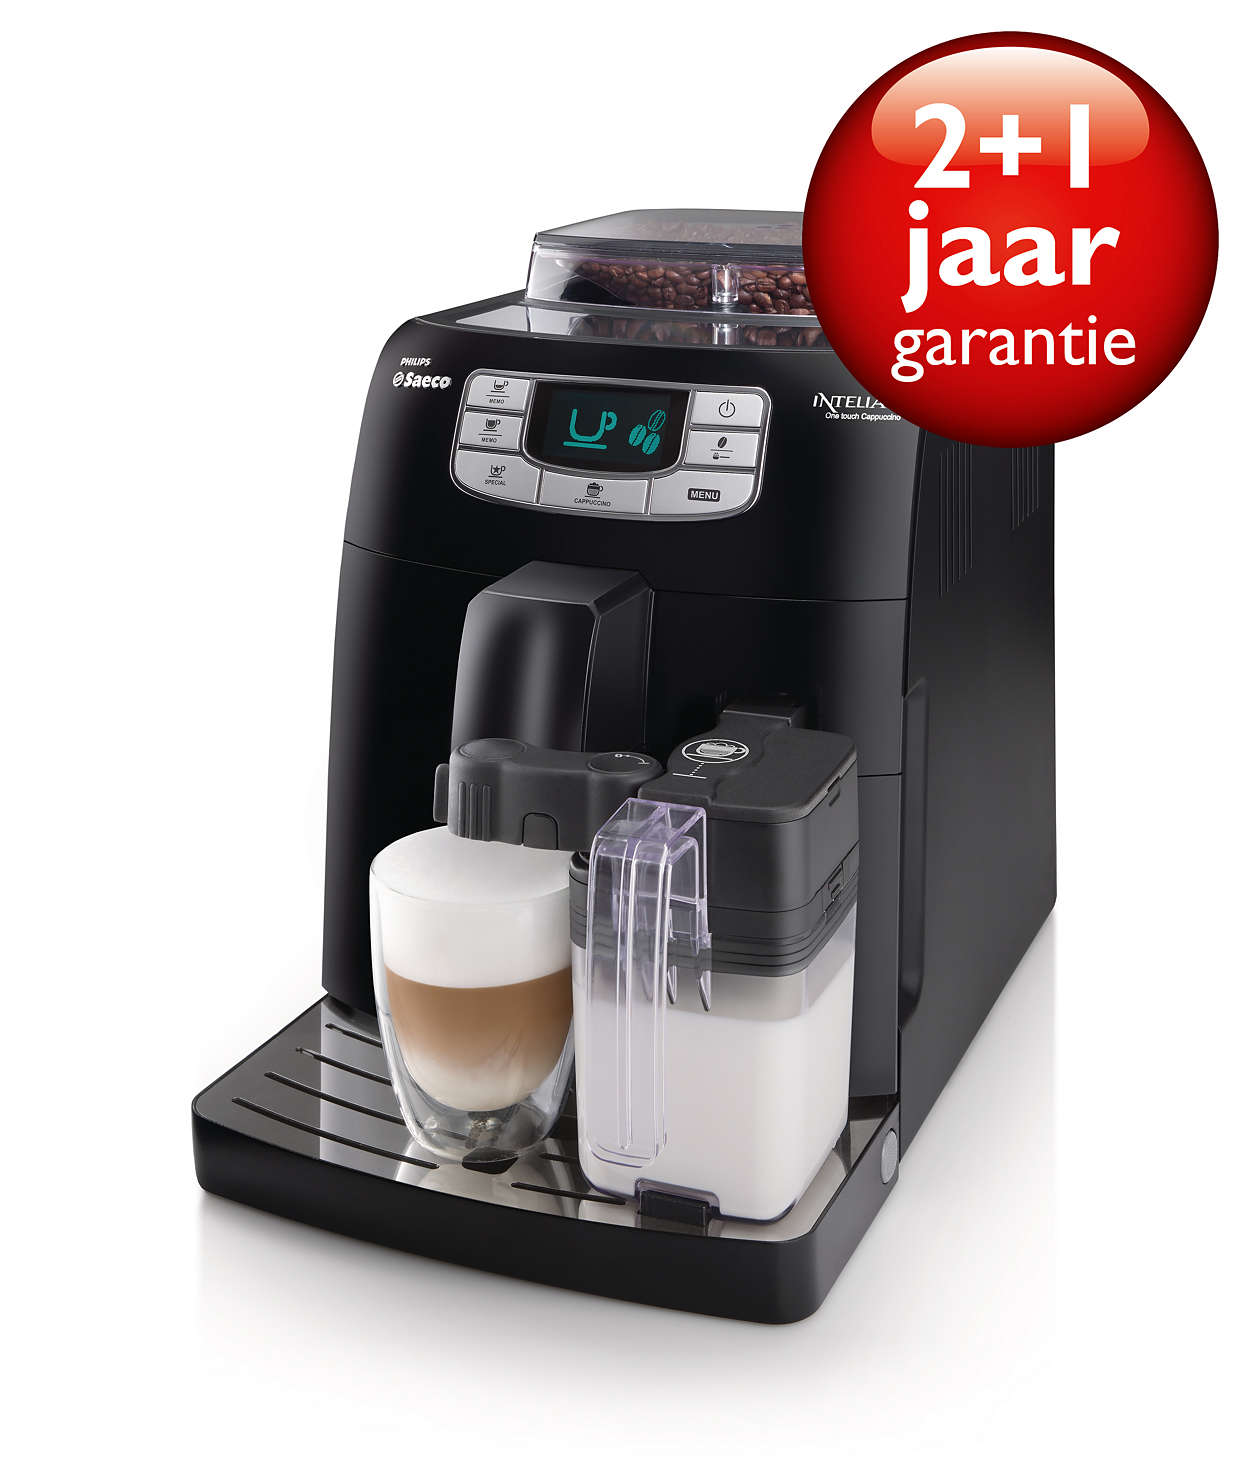 intelia cappuccino machine espresso automatique hd8753 11 saeco. Black Bedroom Furniture Sets. Home Design Ideas